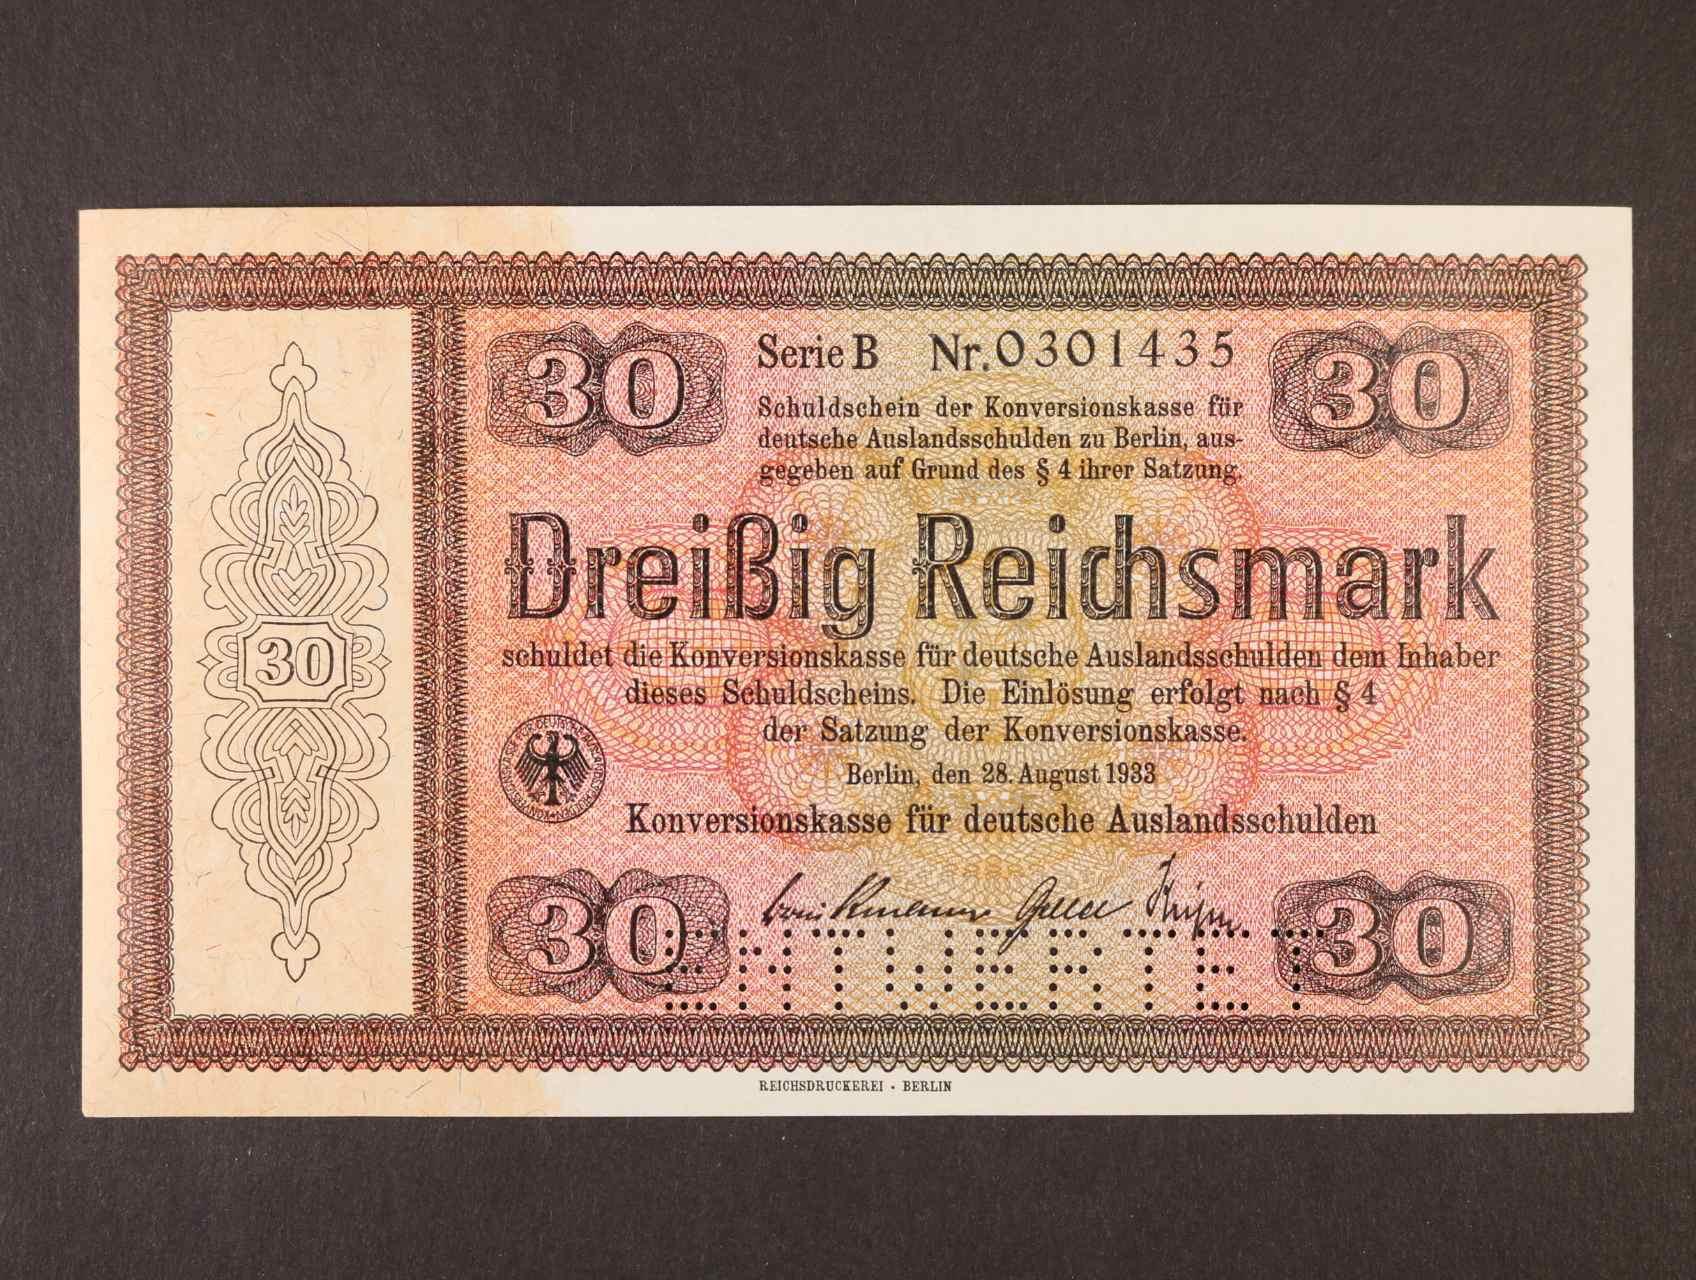 30 RM 28.8.1933 série B Konversionskassenschein. perforace ENTWERTET, Ro. 702E1